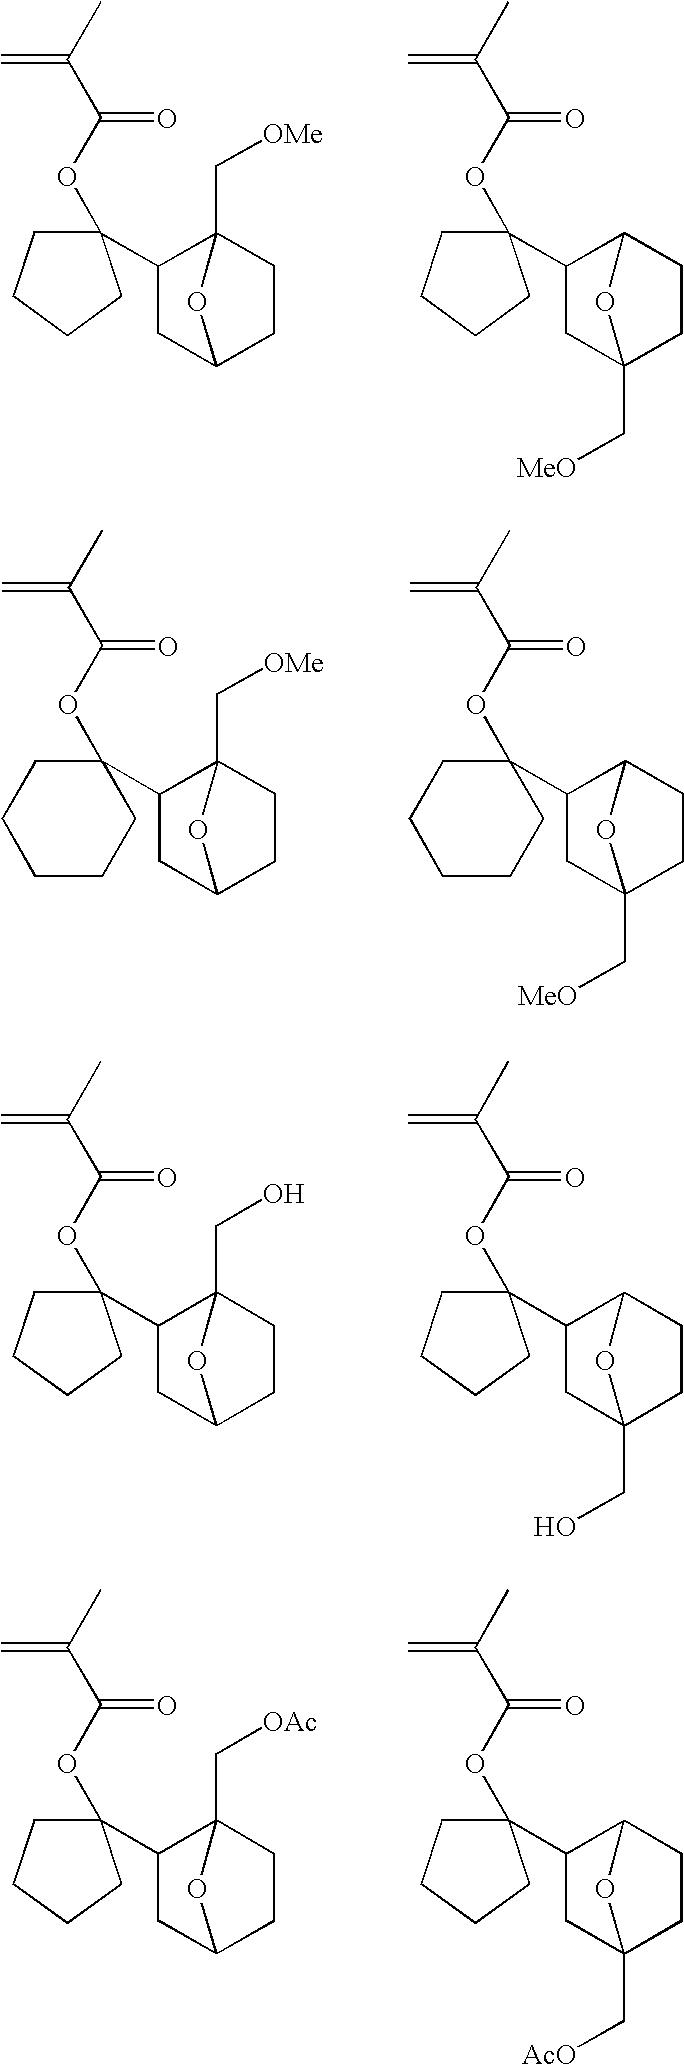 Figure US20080020289A1-20080124-C00034